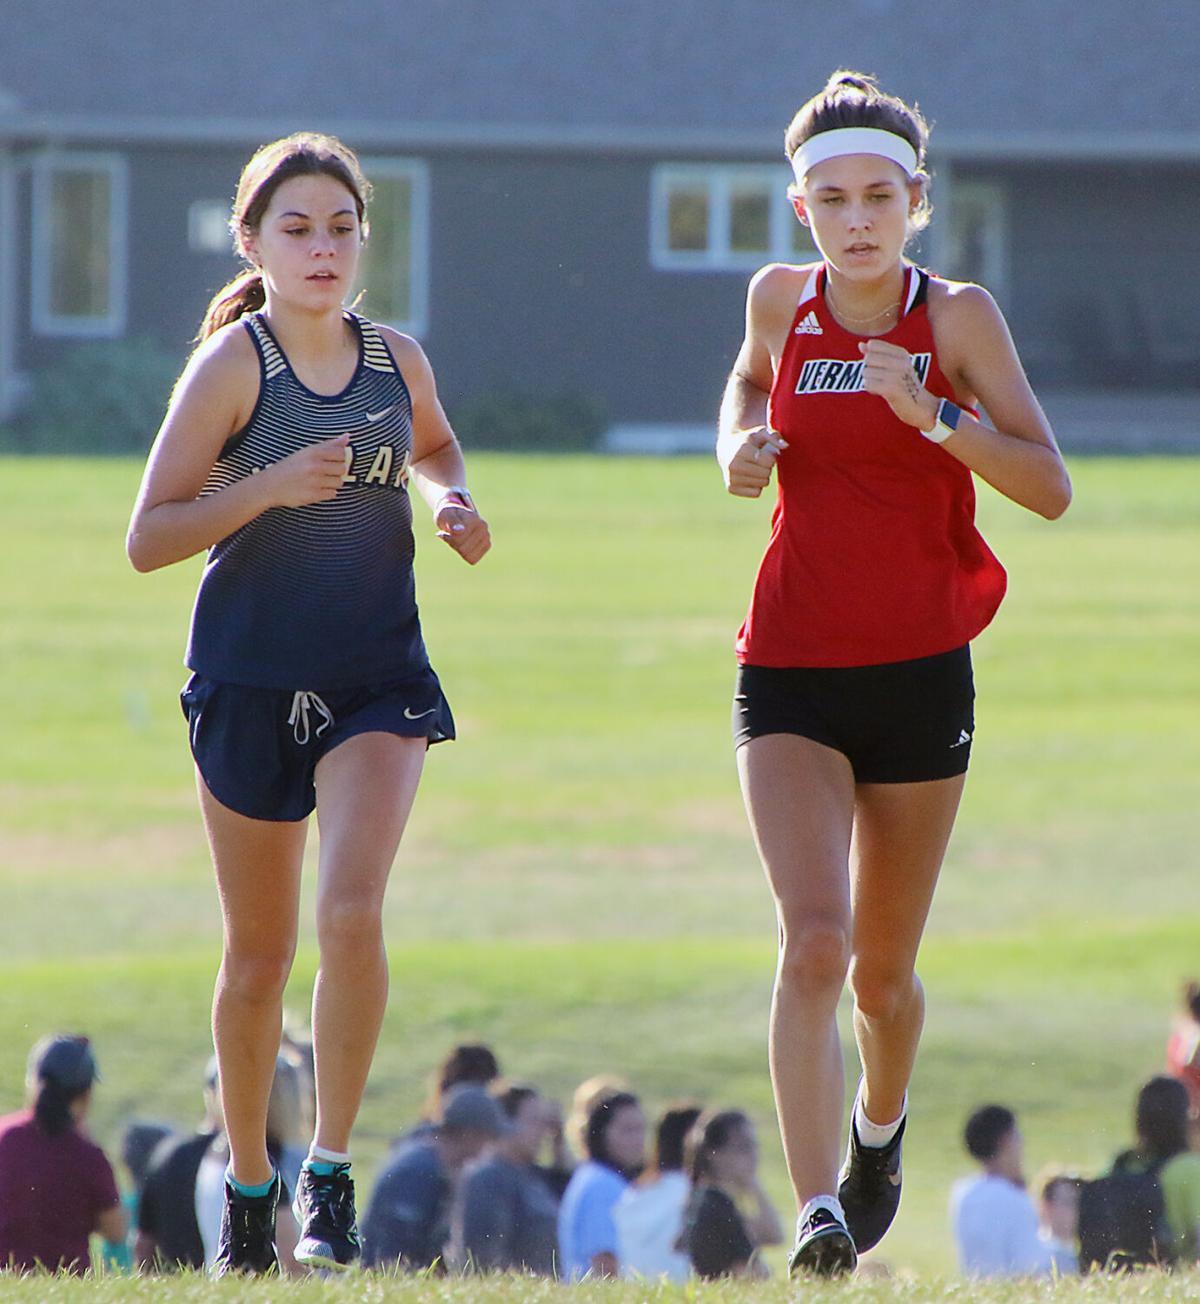 Top Girls' Runners